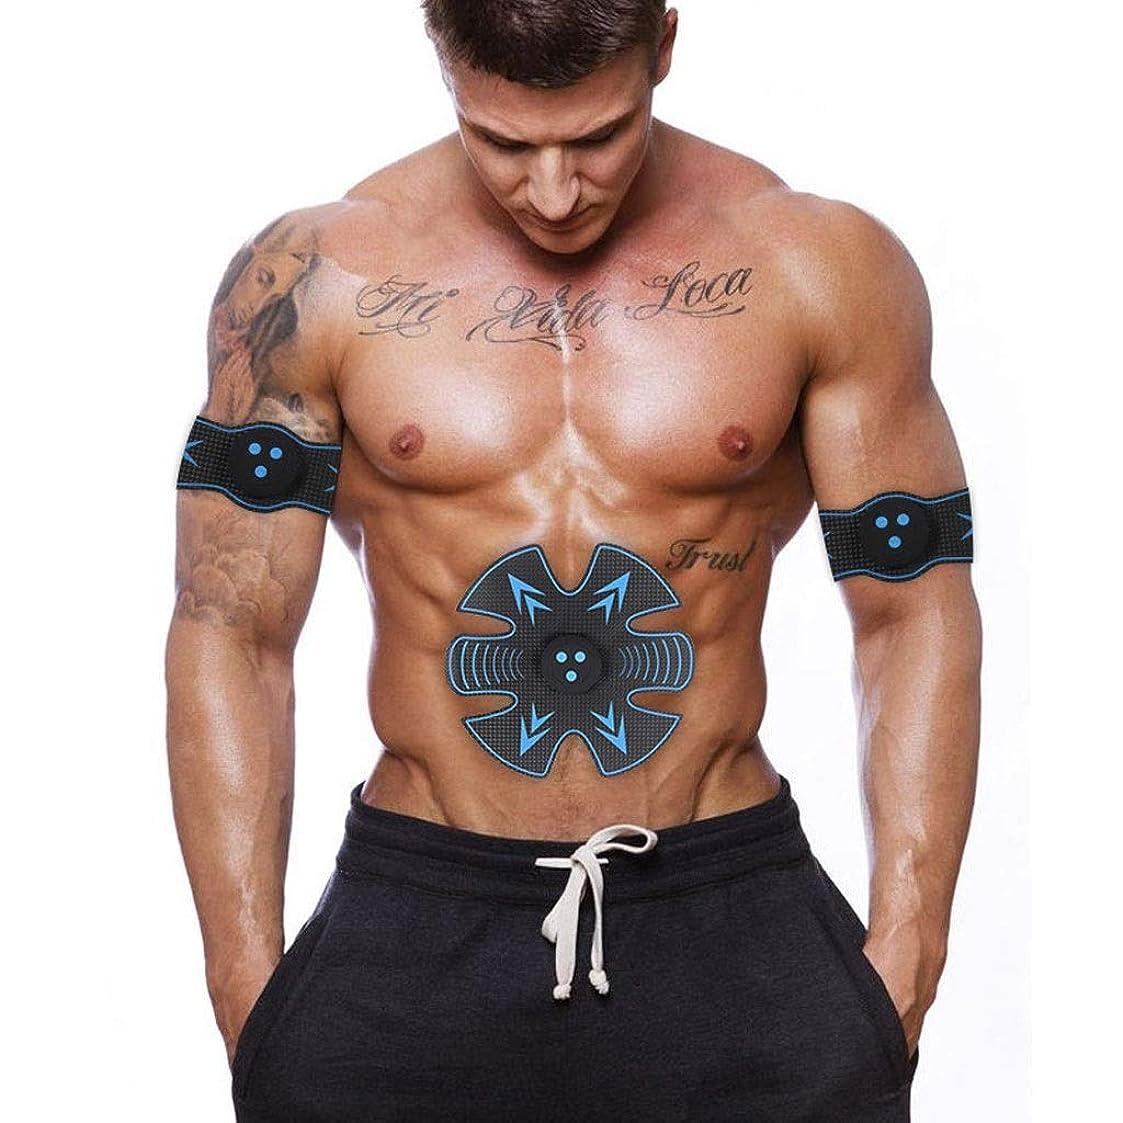 原子認める日の出Abs刺激器腹部調色ベルト筋肉トナーポータブルマッスルトレーナーボディ筋肉フィットネストレーナー簡単な操作用腹部腕脚トレーニング男性女性